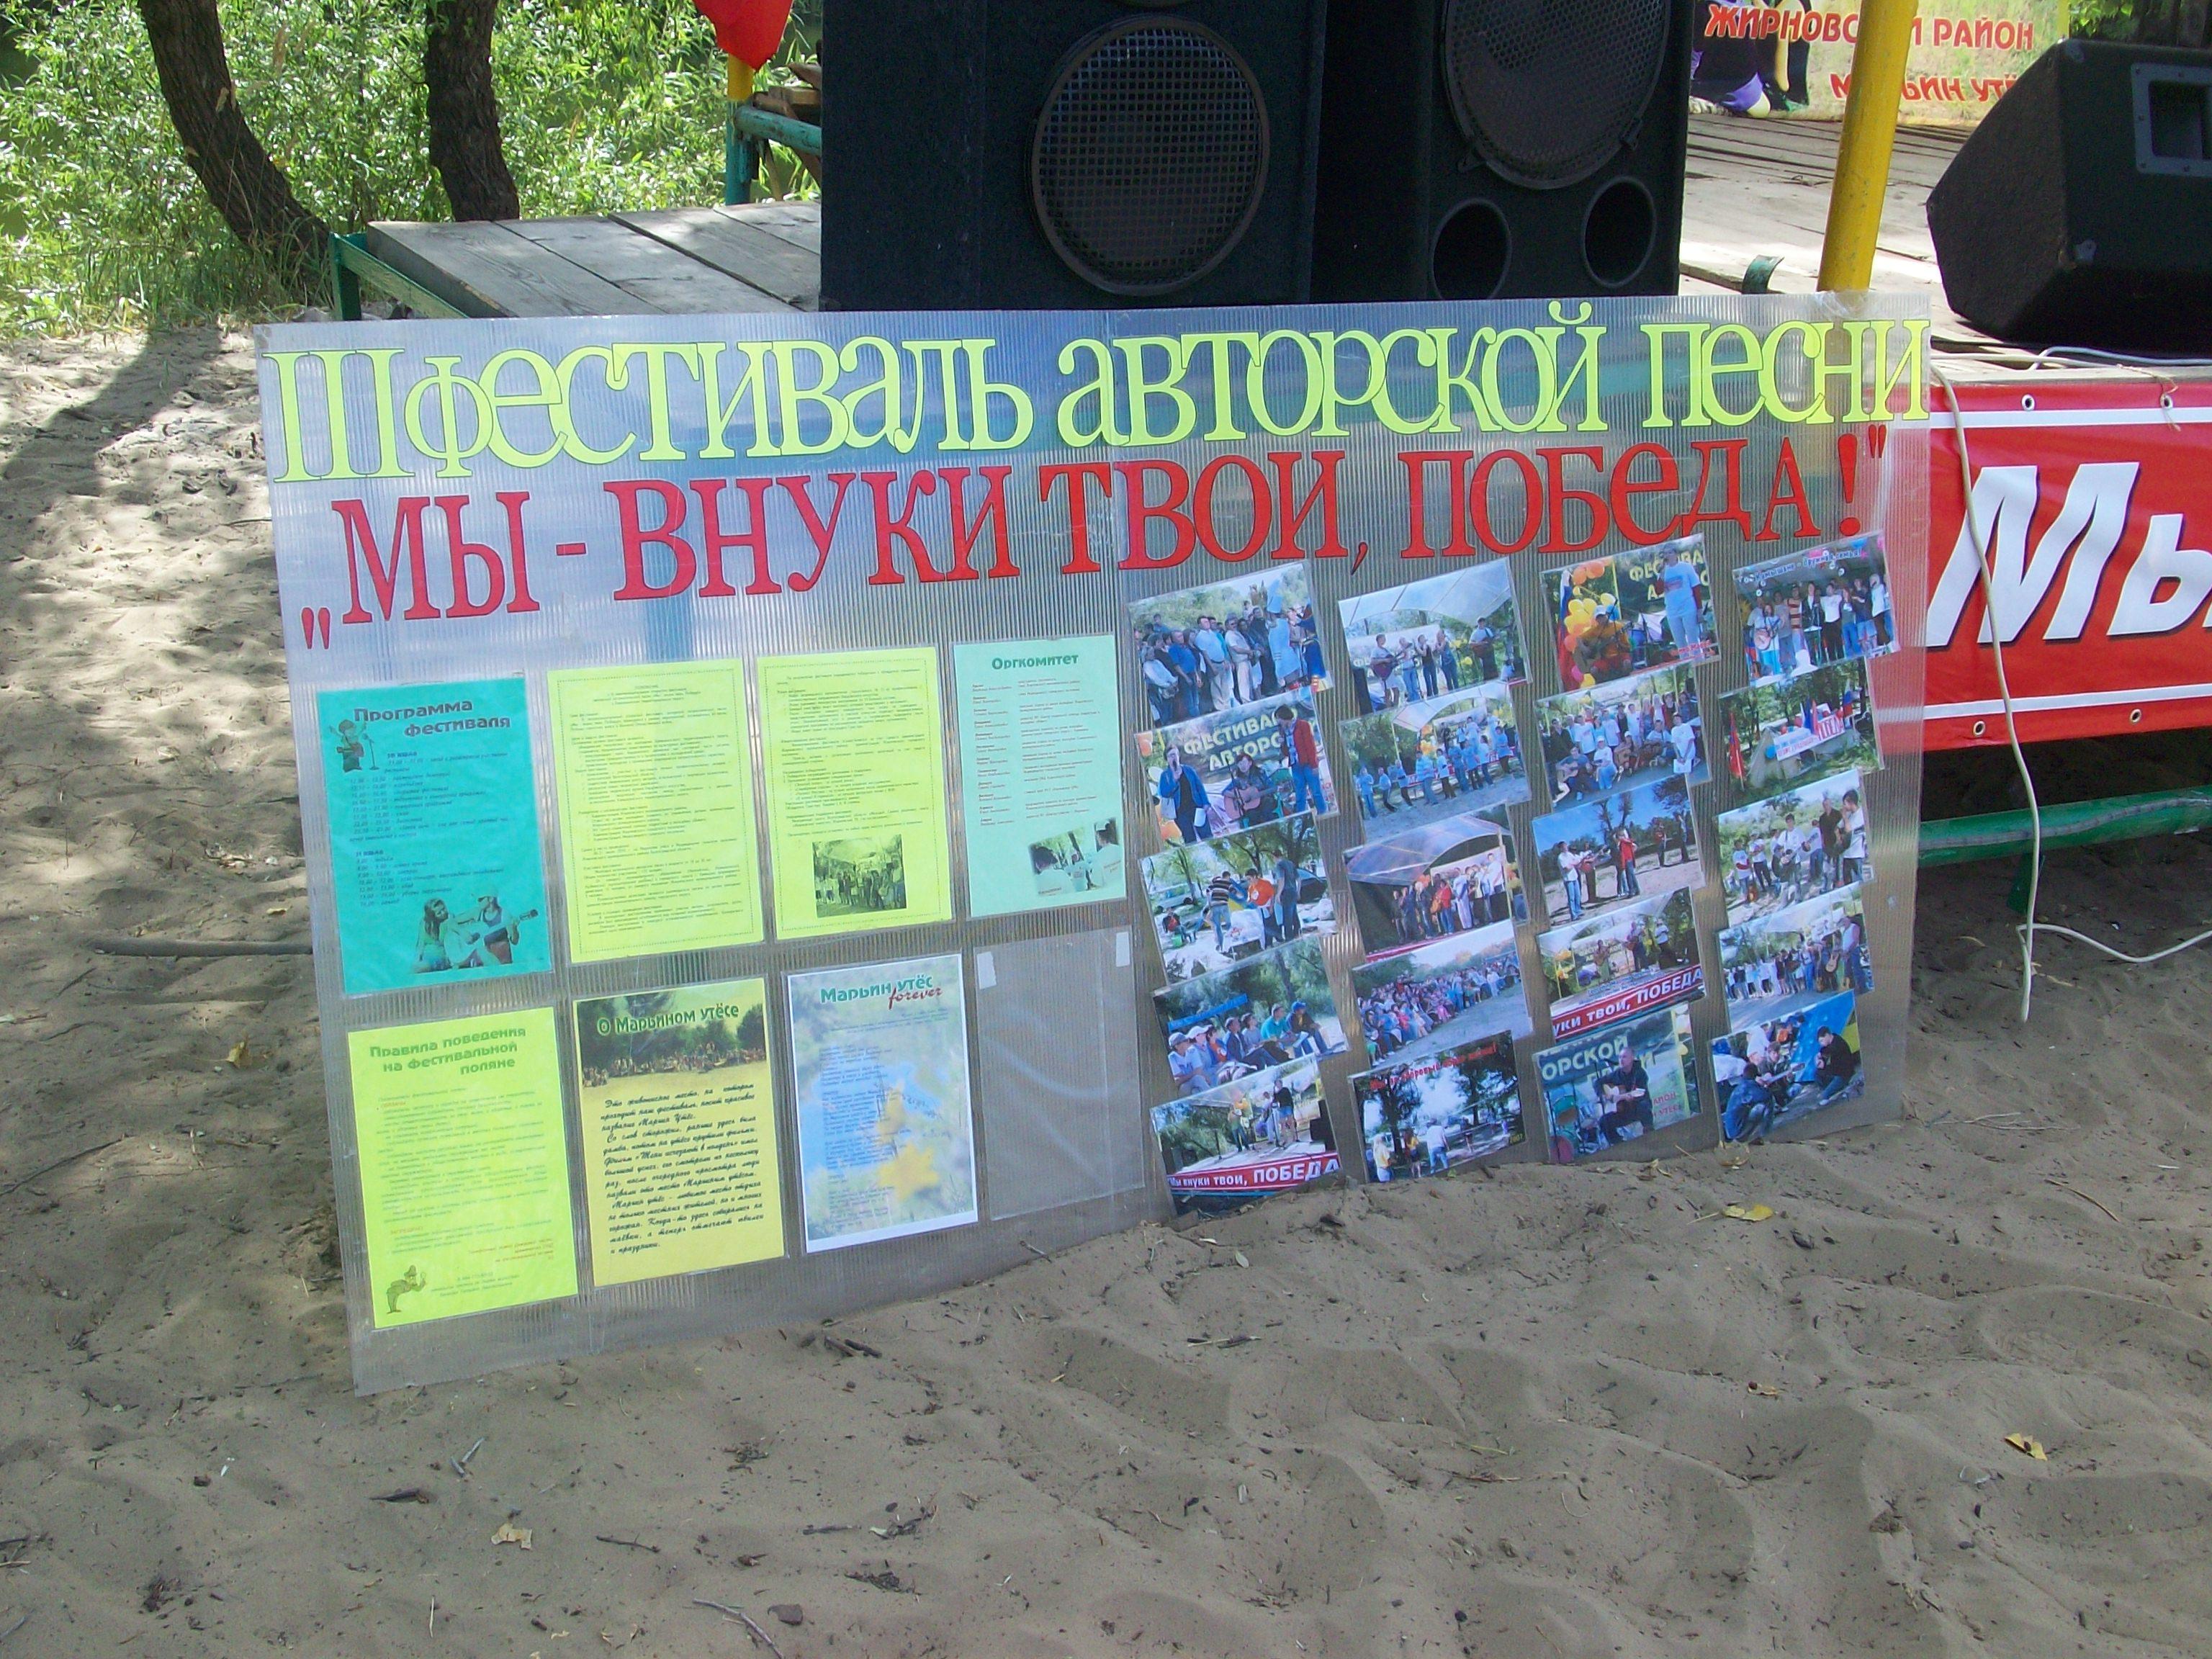 5 -й фестиваль авторской песни. МАРЬИН УТЕС - 2012